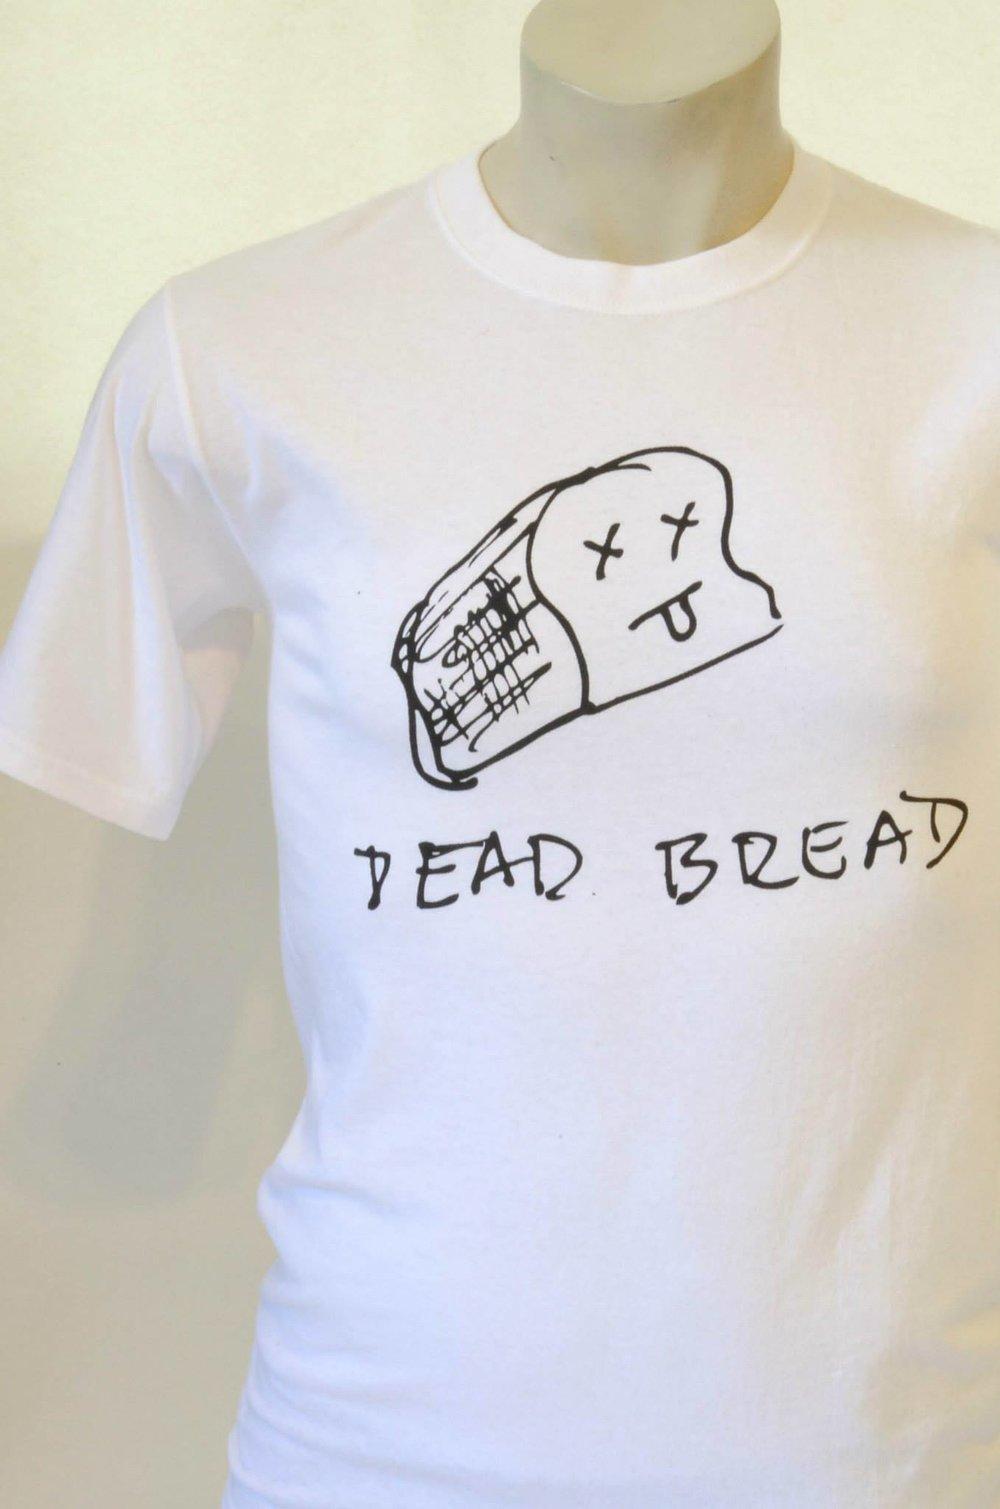 ChingoZine 3 T-shirt, 2013